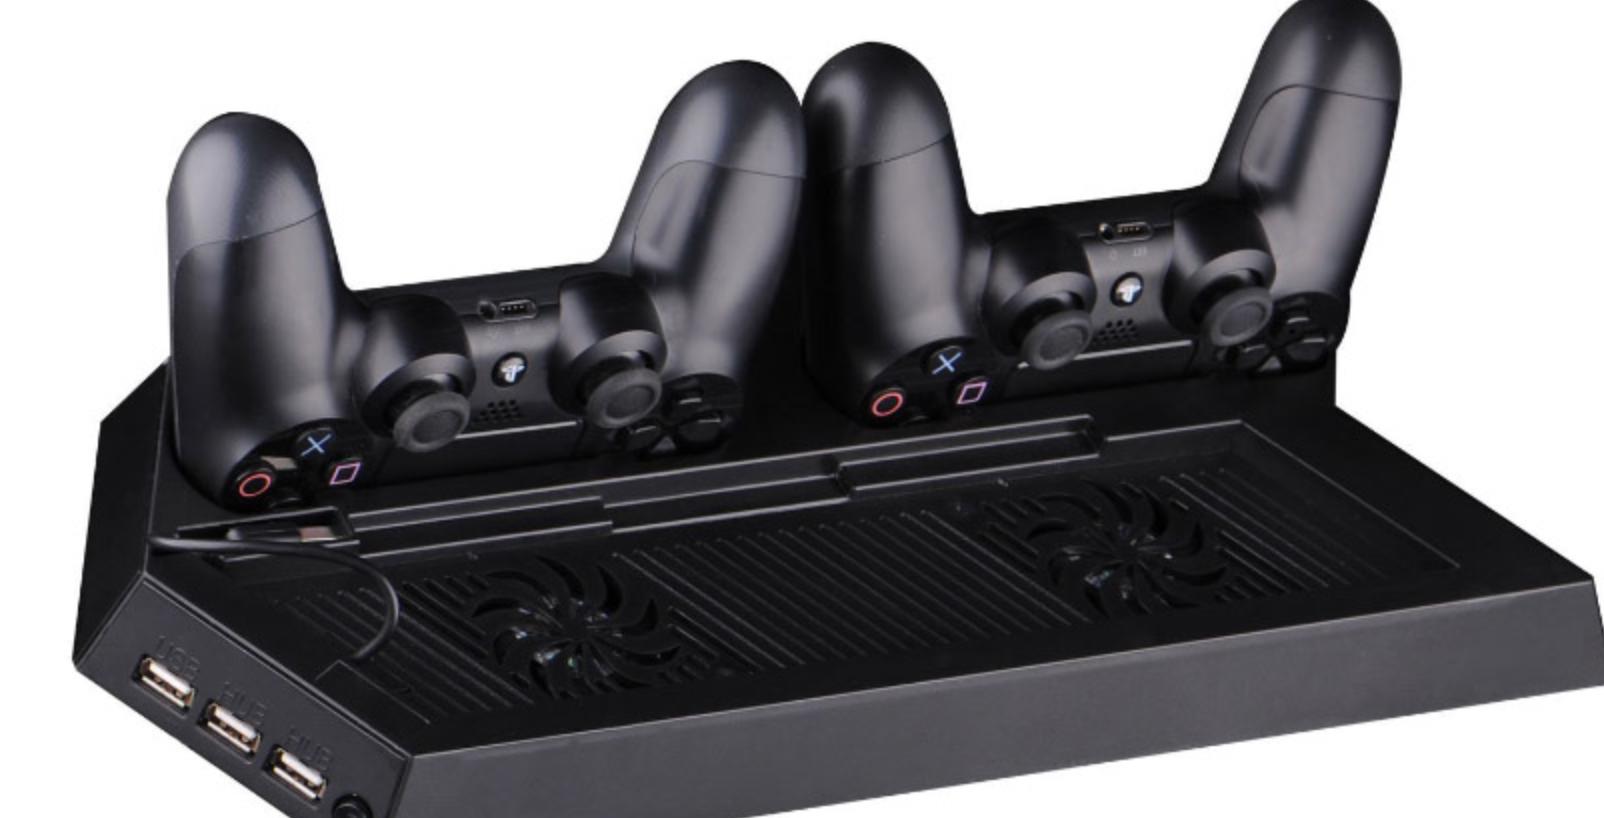 Kupujesz PlayStation VR? Pomyśl o tym tanim i bardzo pomocnym gadżecie